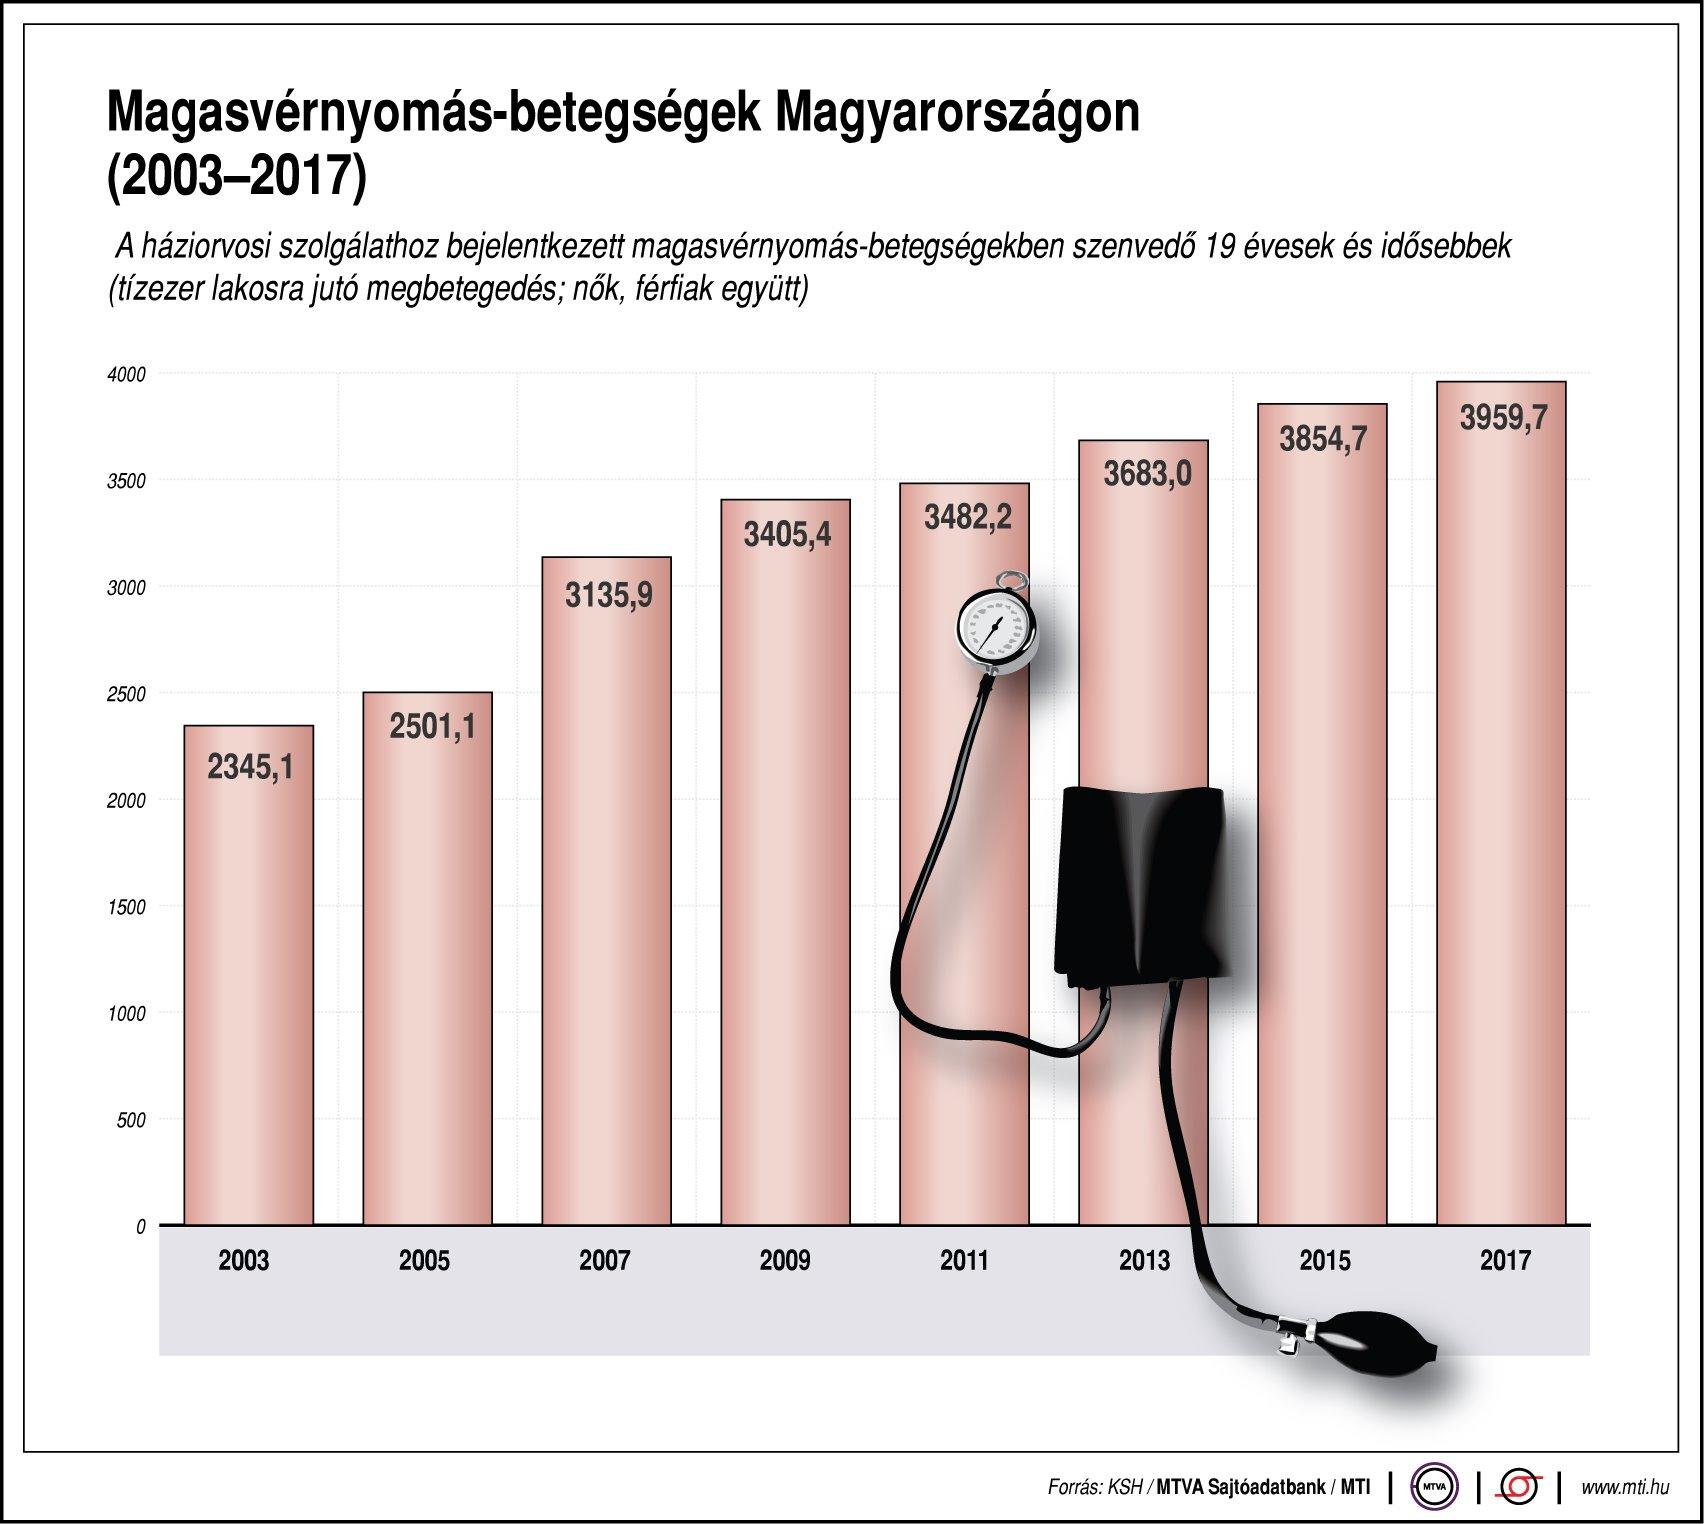 magas vérnyomás elleni pirularendszer magas vérnyomás kezelése cukorbeteg idősekben